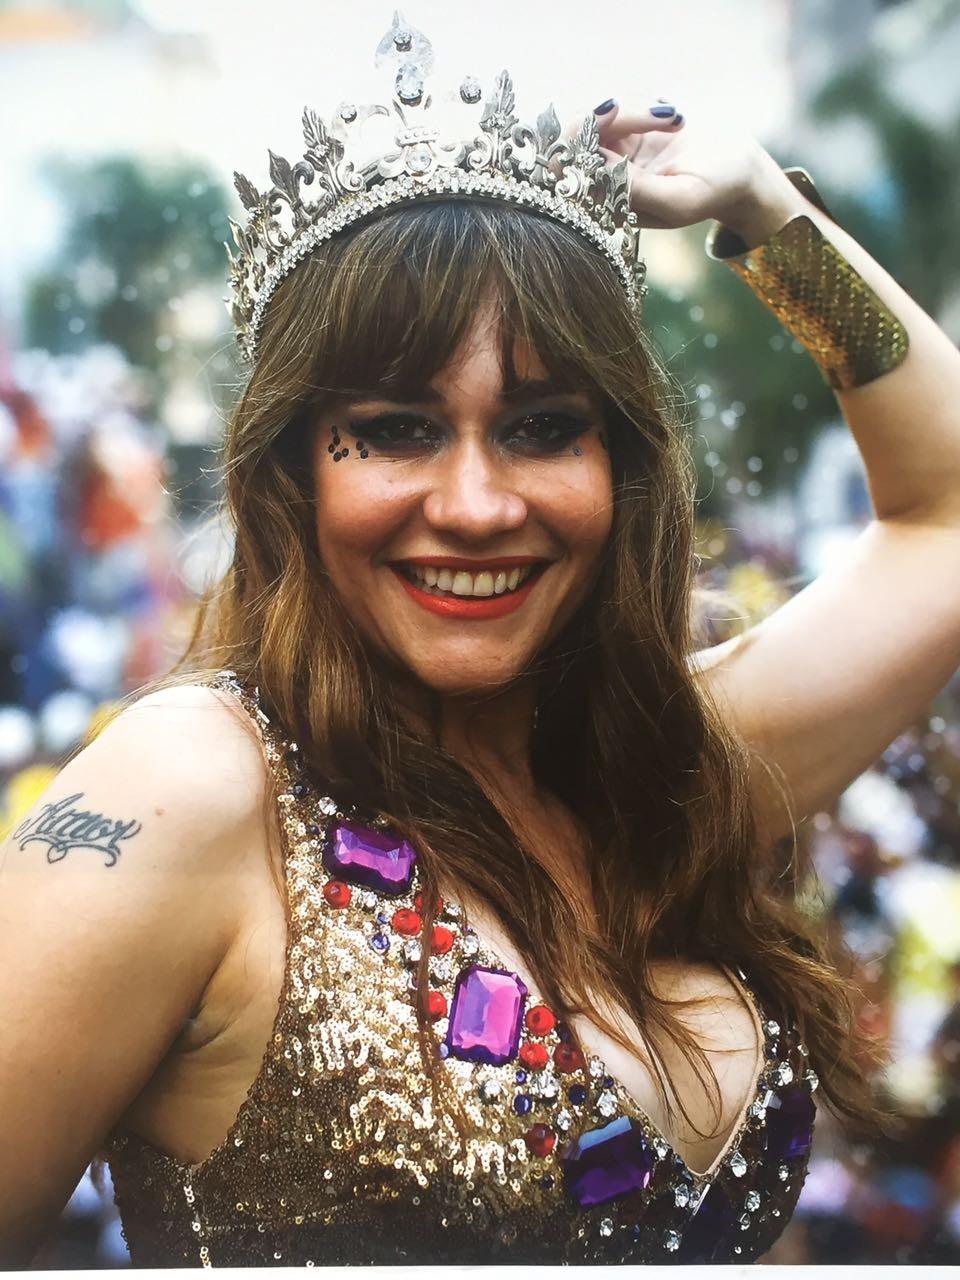 Alessandra Negrini, rainha do bloco, fará parte da programação cultural do novo espaço (Foto: Frâncio de Holanda)